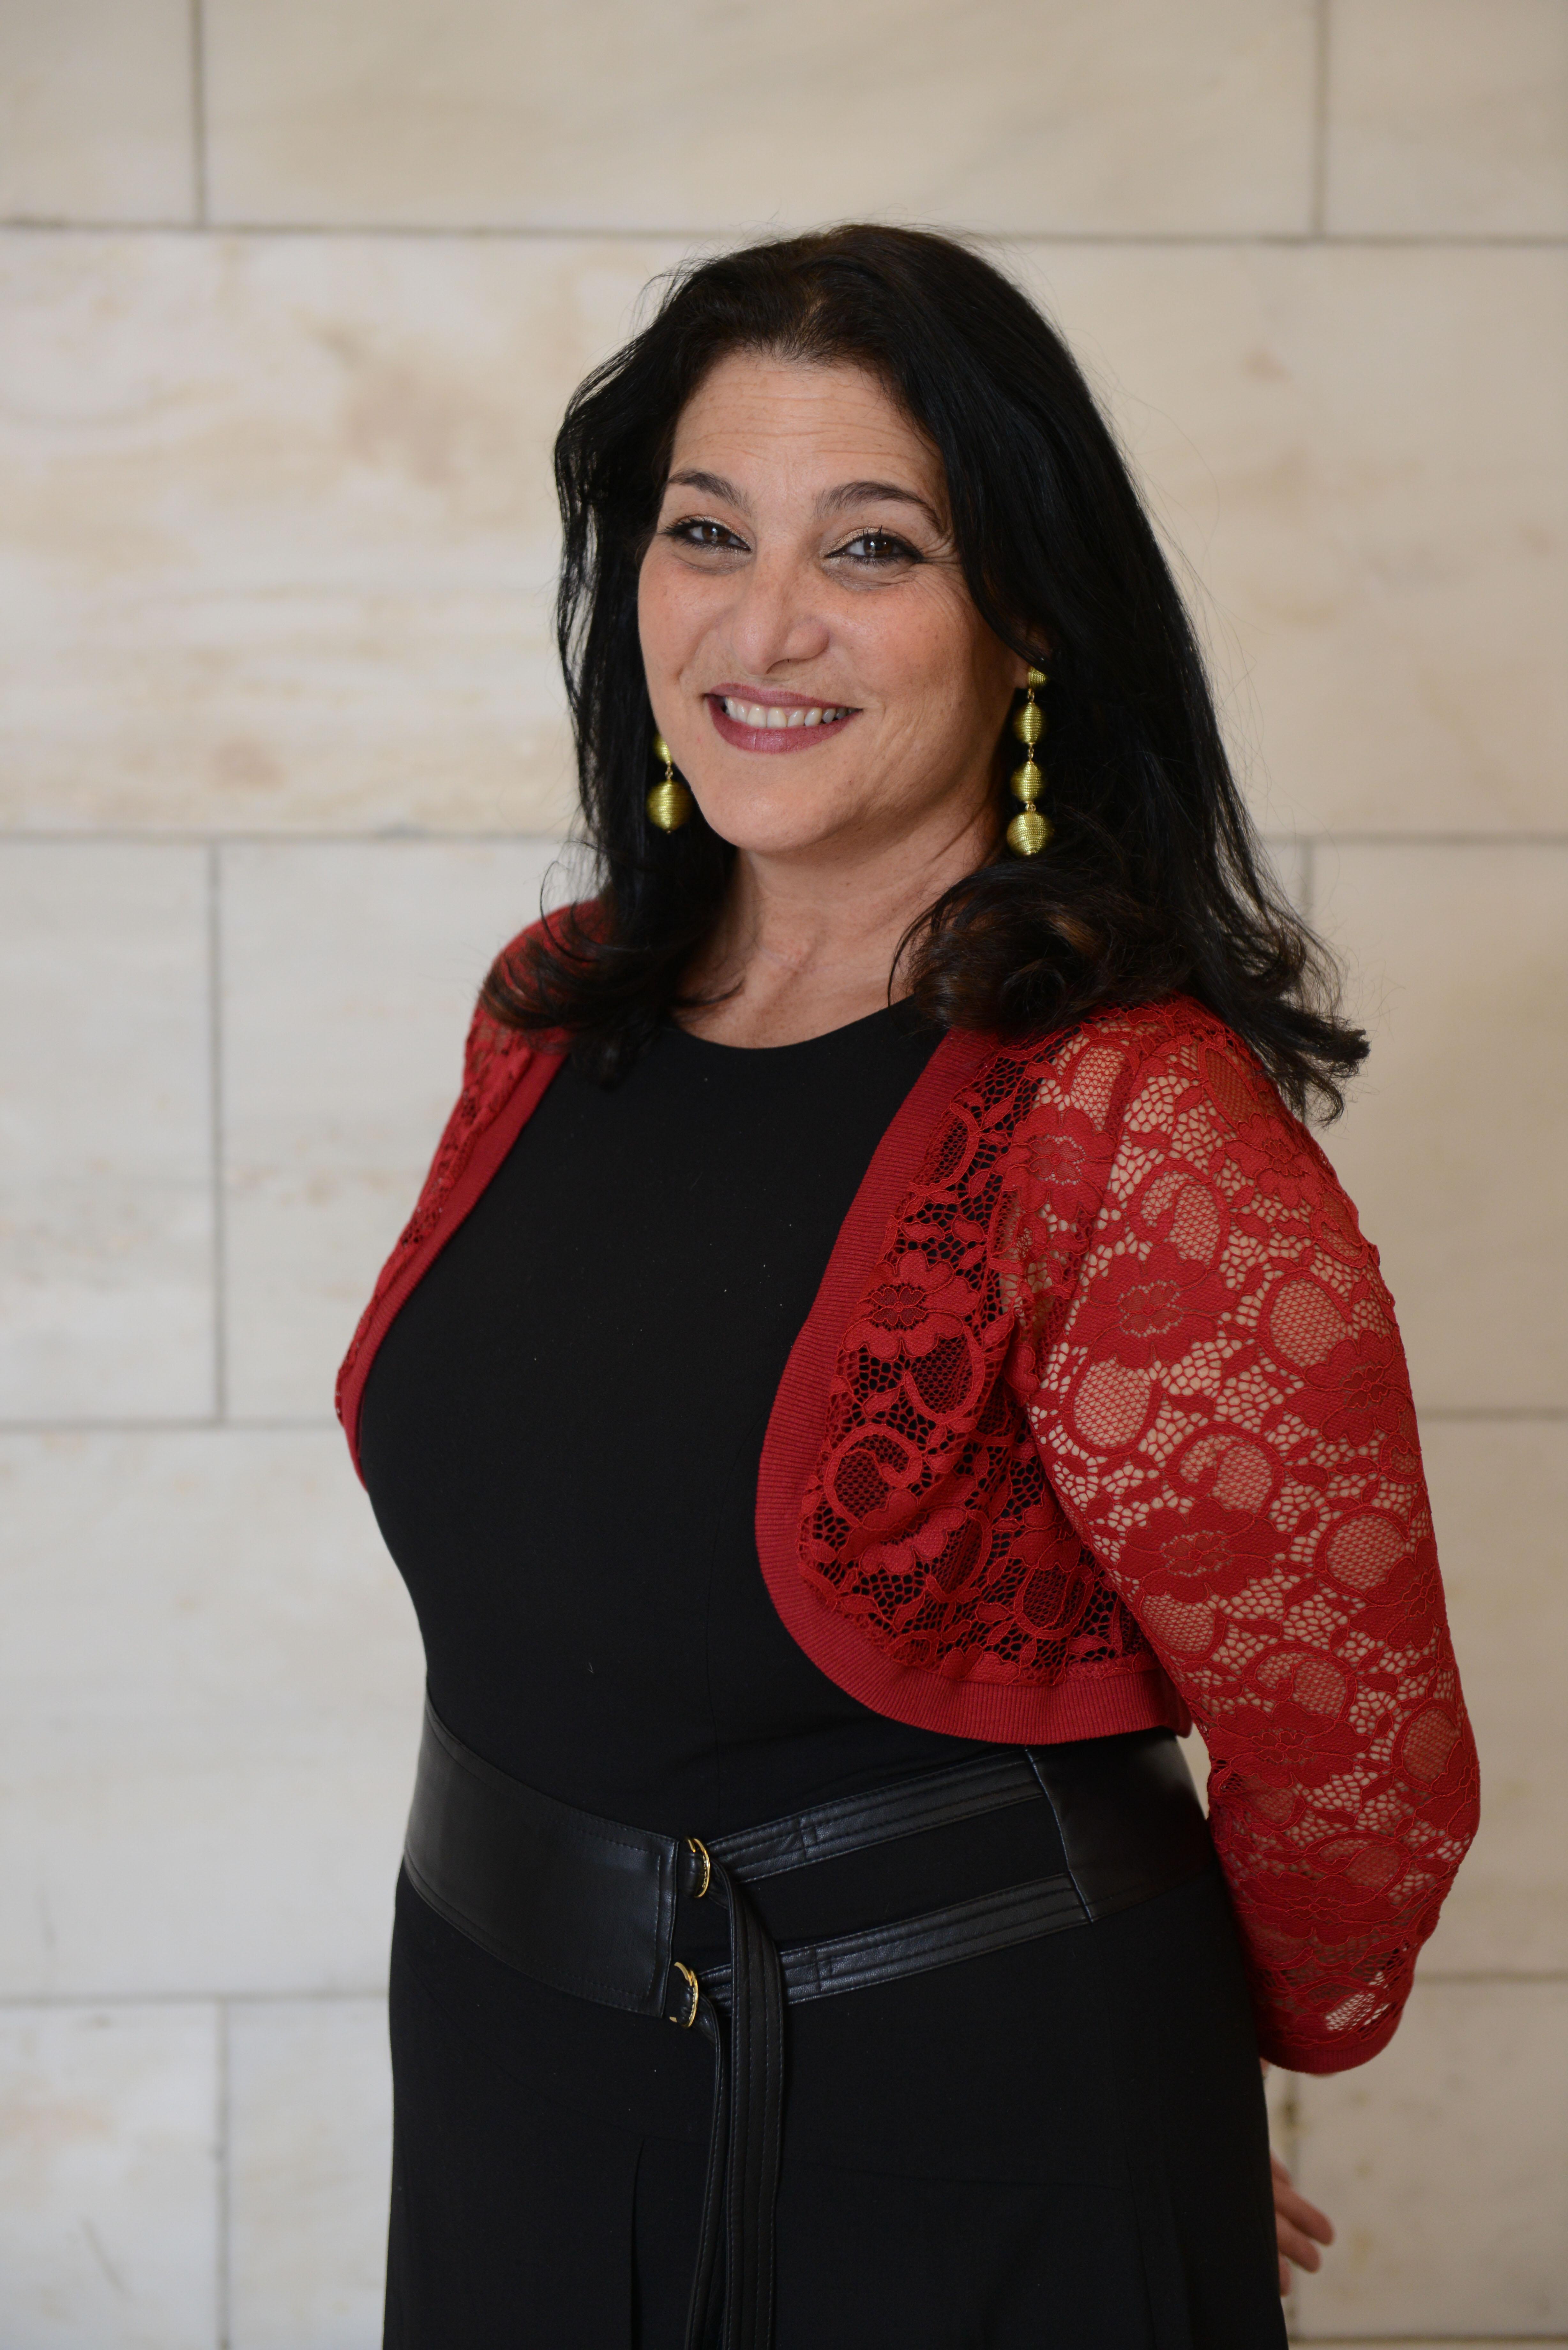 2018 Covenant Award Recipient Naomi Ackerman.